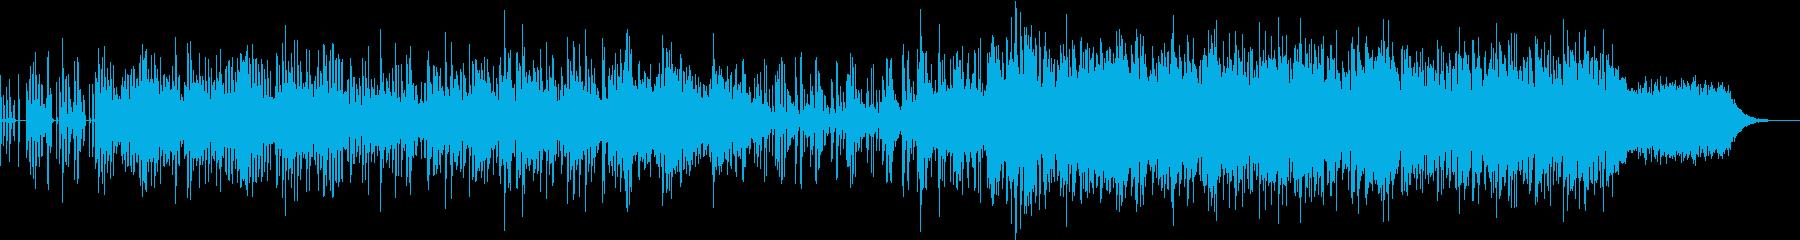 開放的なエレクトロニカの再生済みの波形